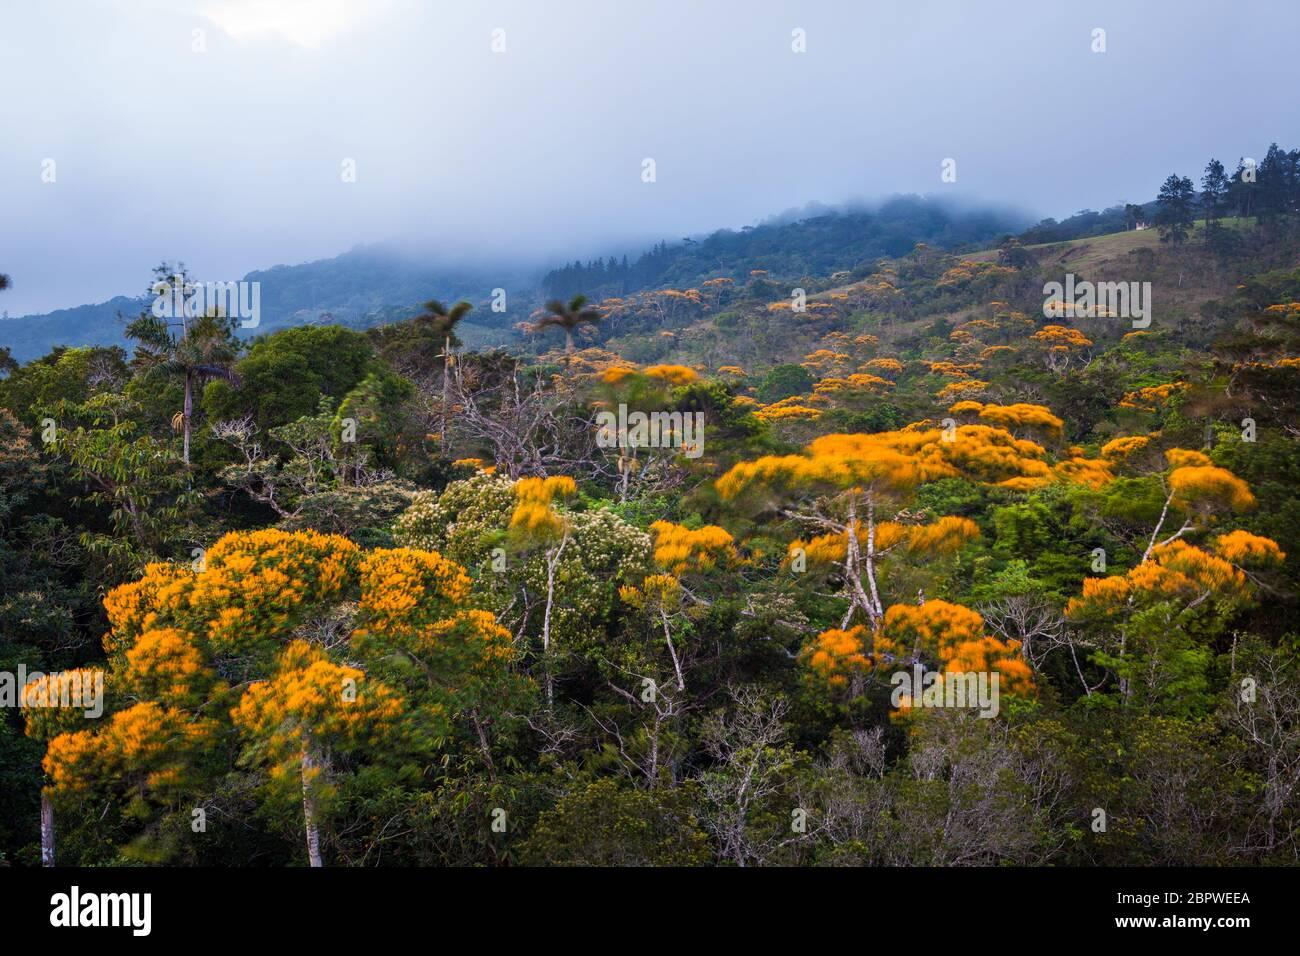 Fioritura alberi di maggio, Vochysia ferruginea, nella foresta pluviale del parco nazionale Altos de Campana, Repubblica di Panama. Foto Stock